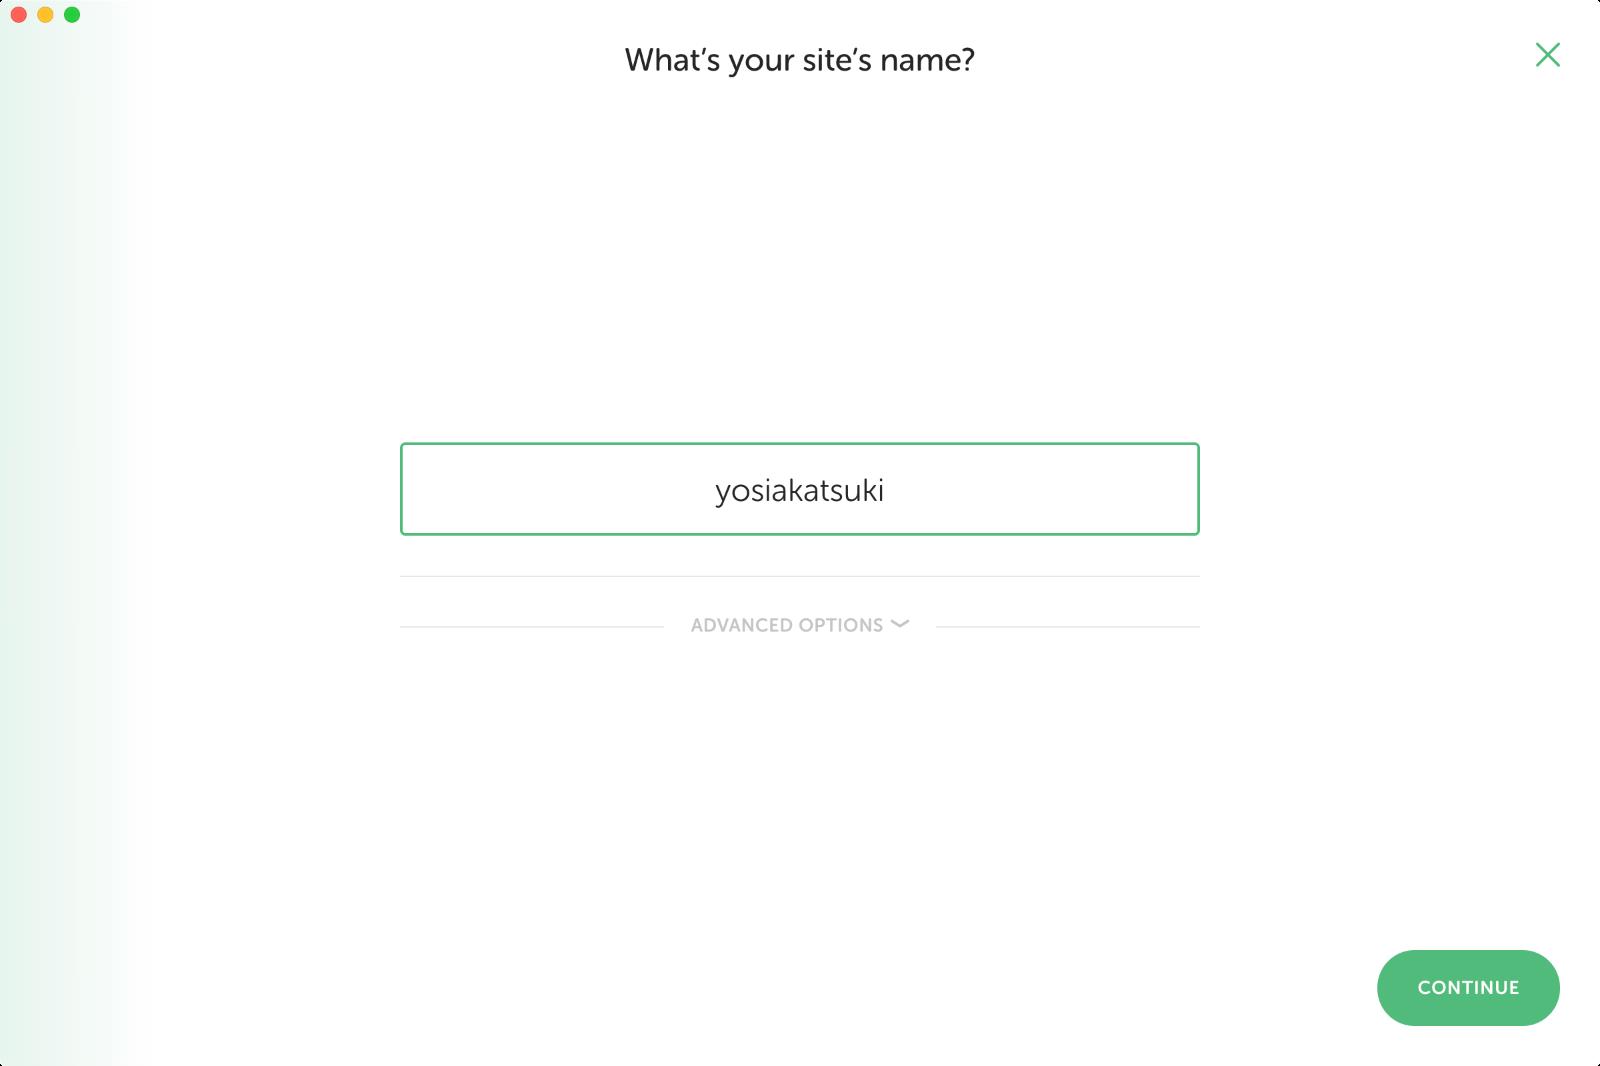 サイトの名前を入力